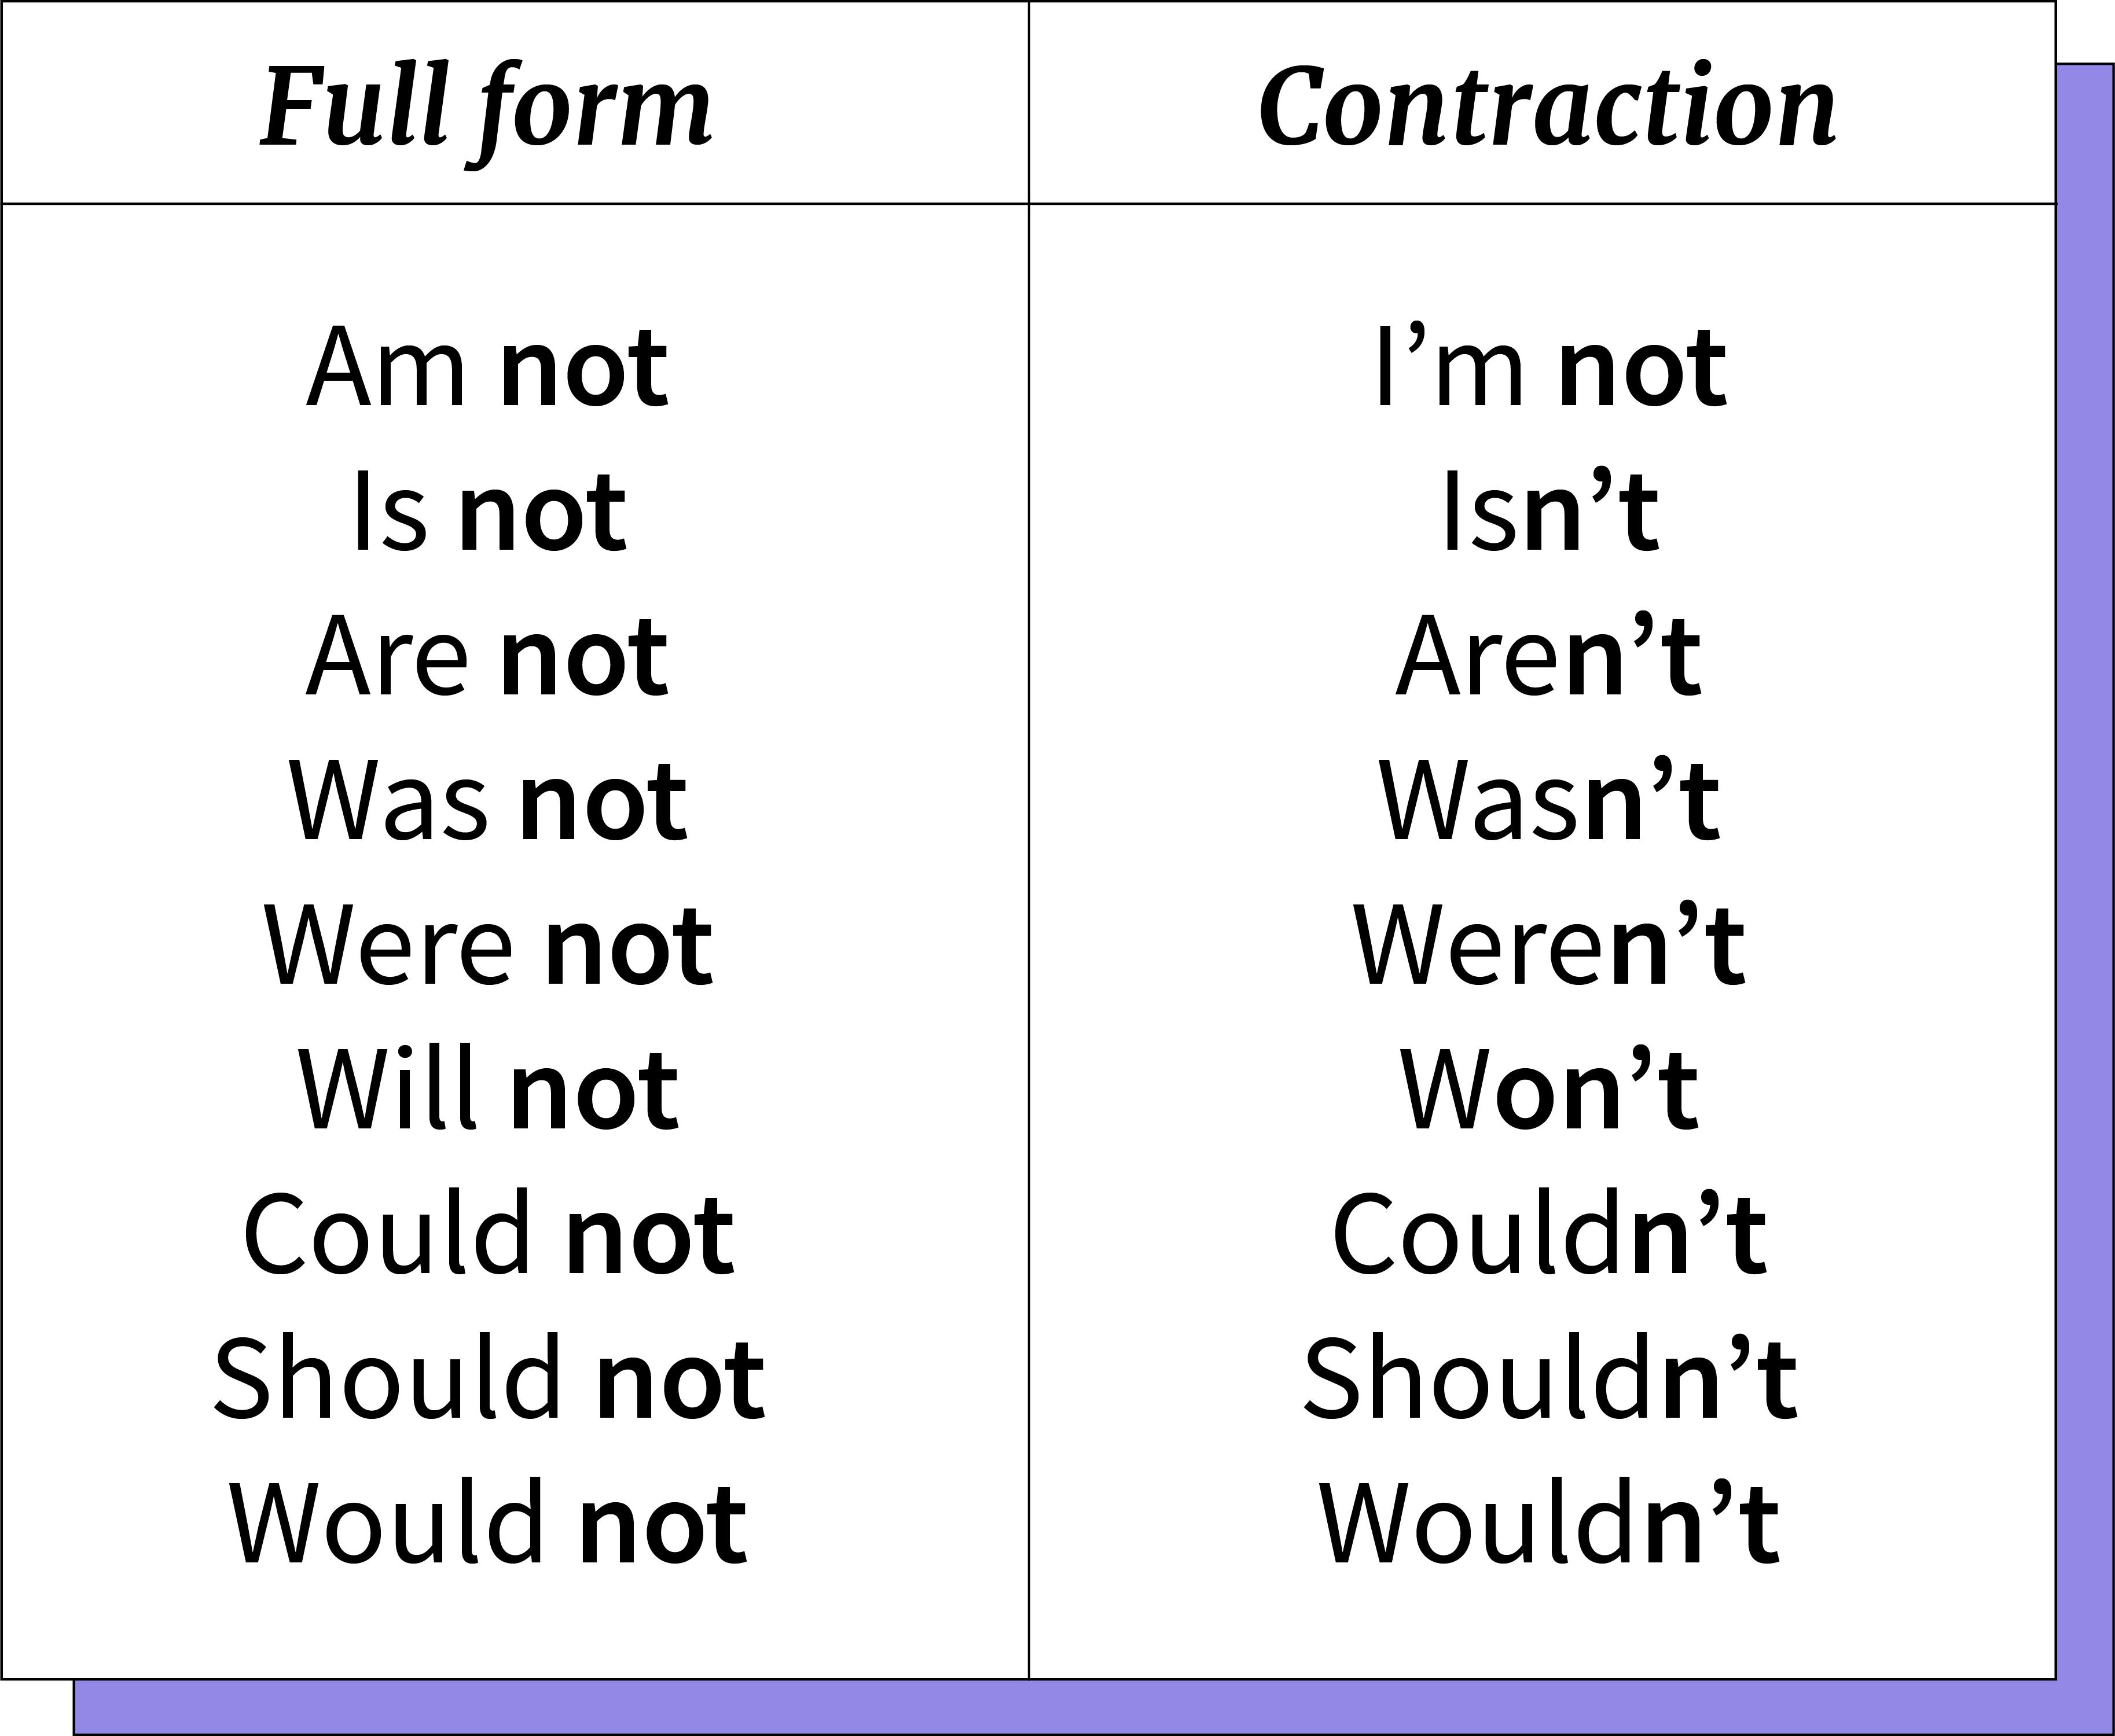 Tabela com exemplo de negações em inglês.